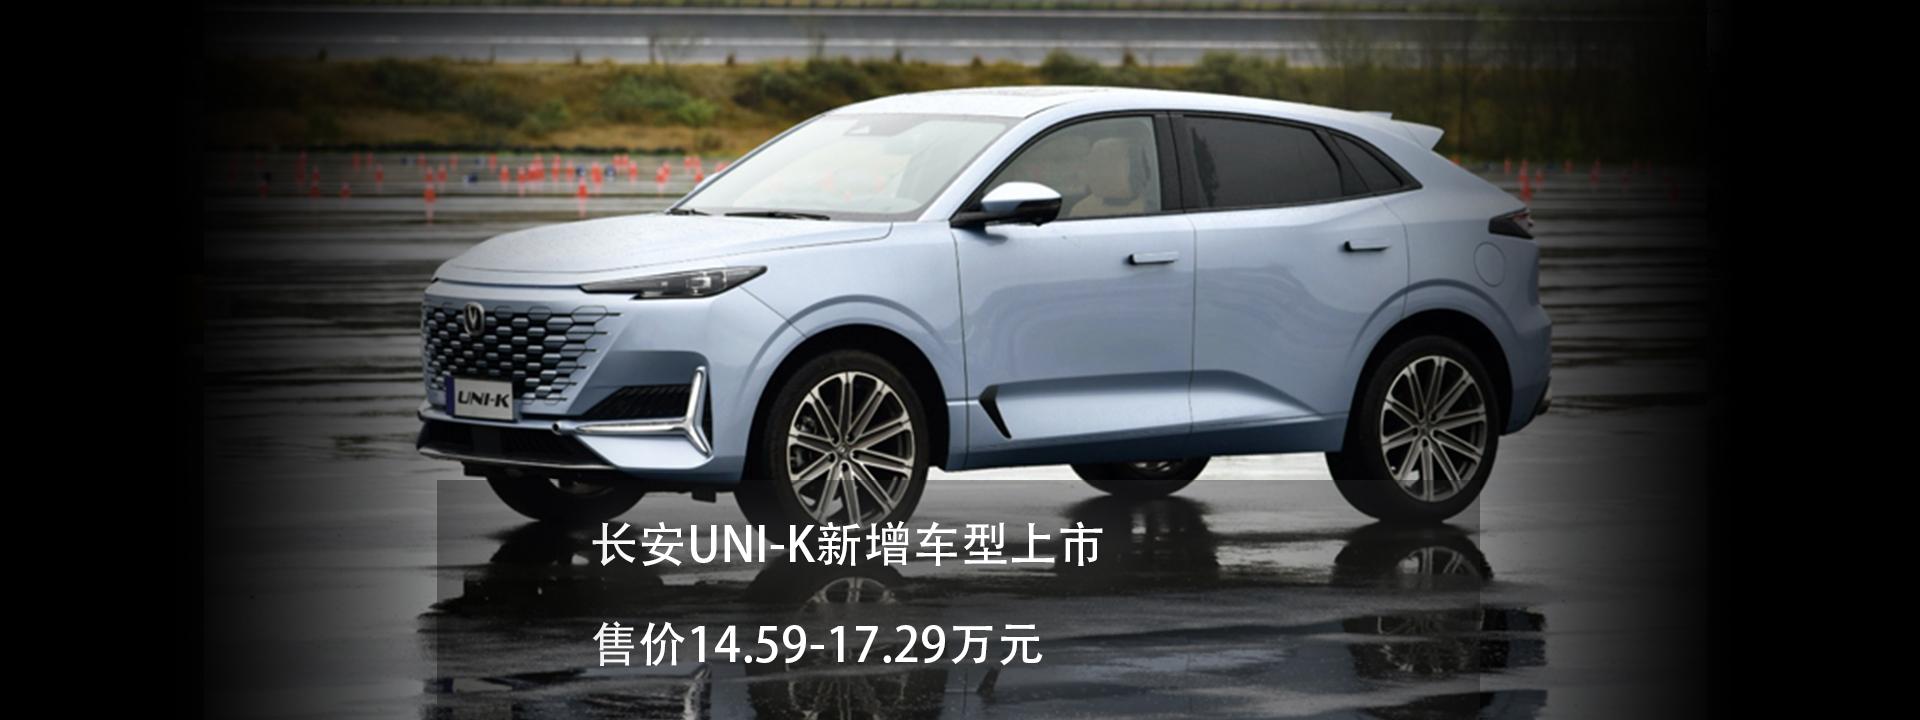 长安UNI-K新增车型上市 售价14.59-17.29万元